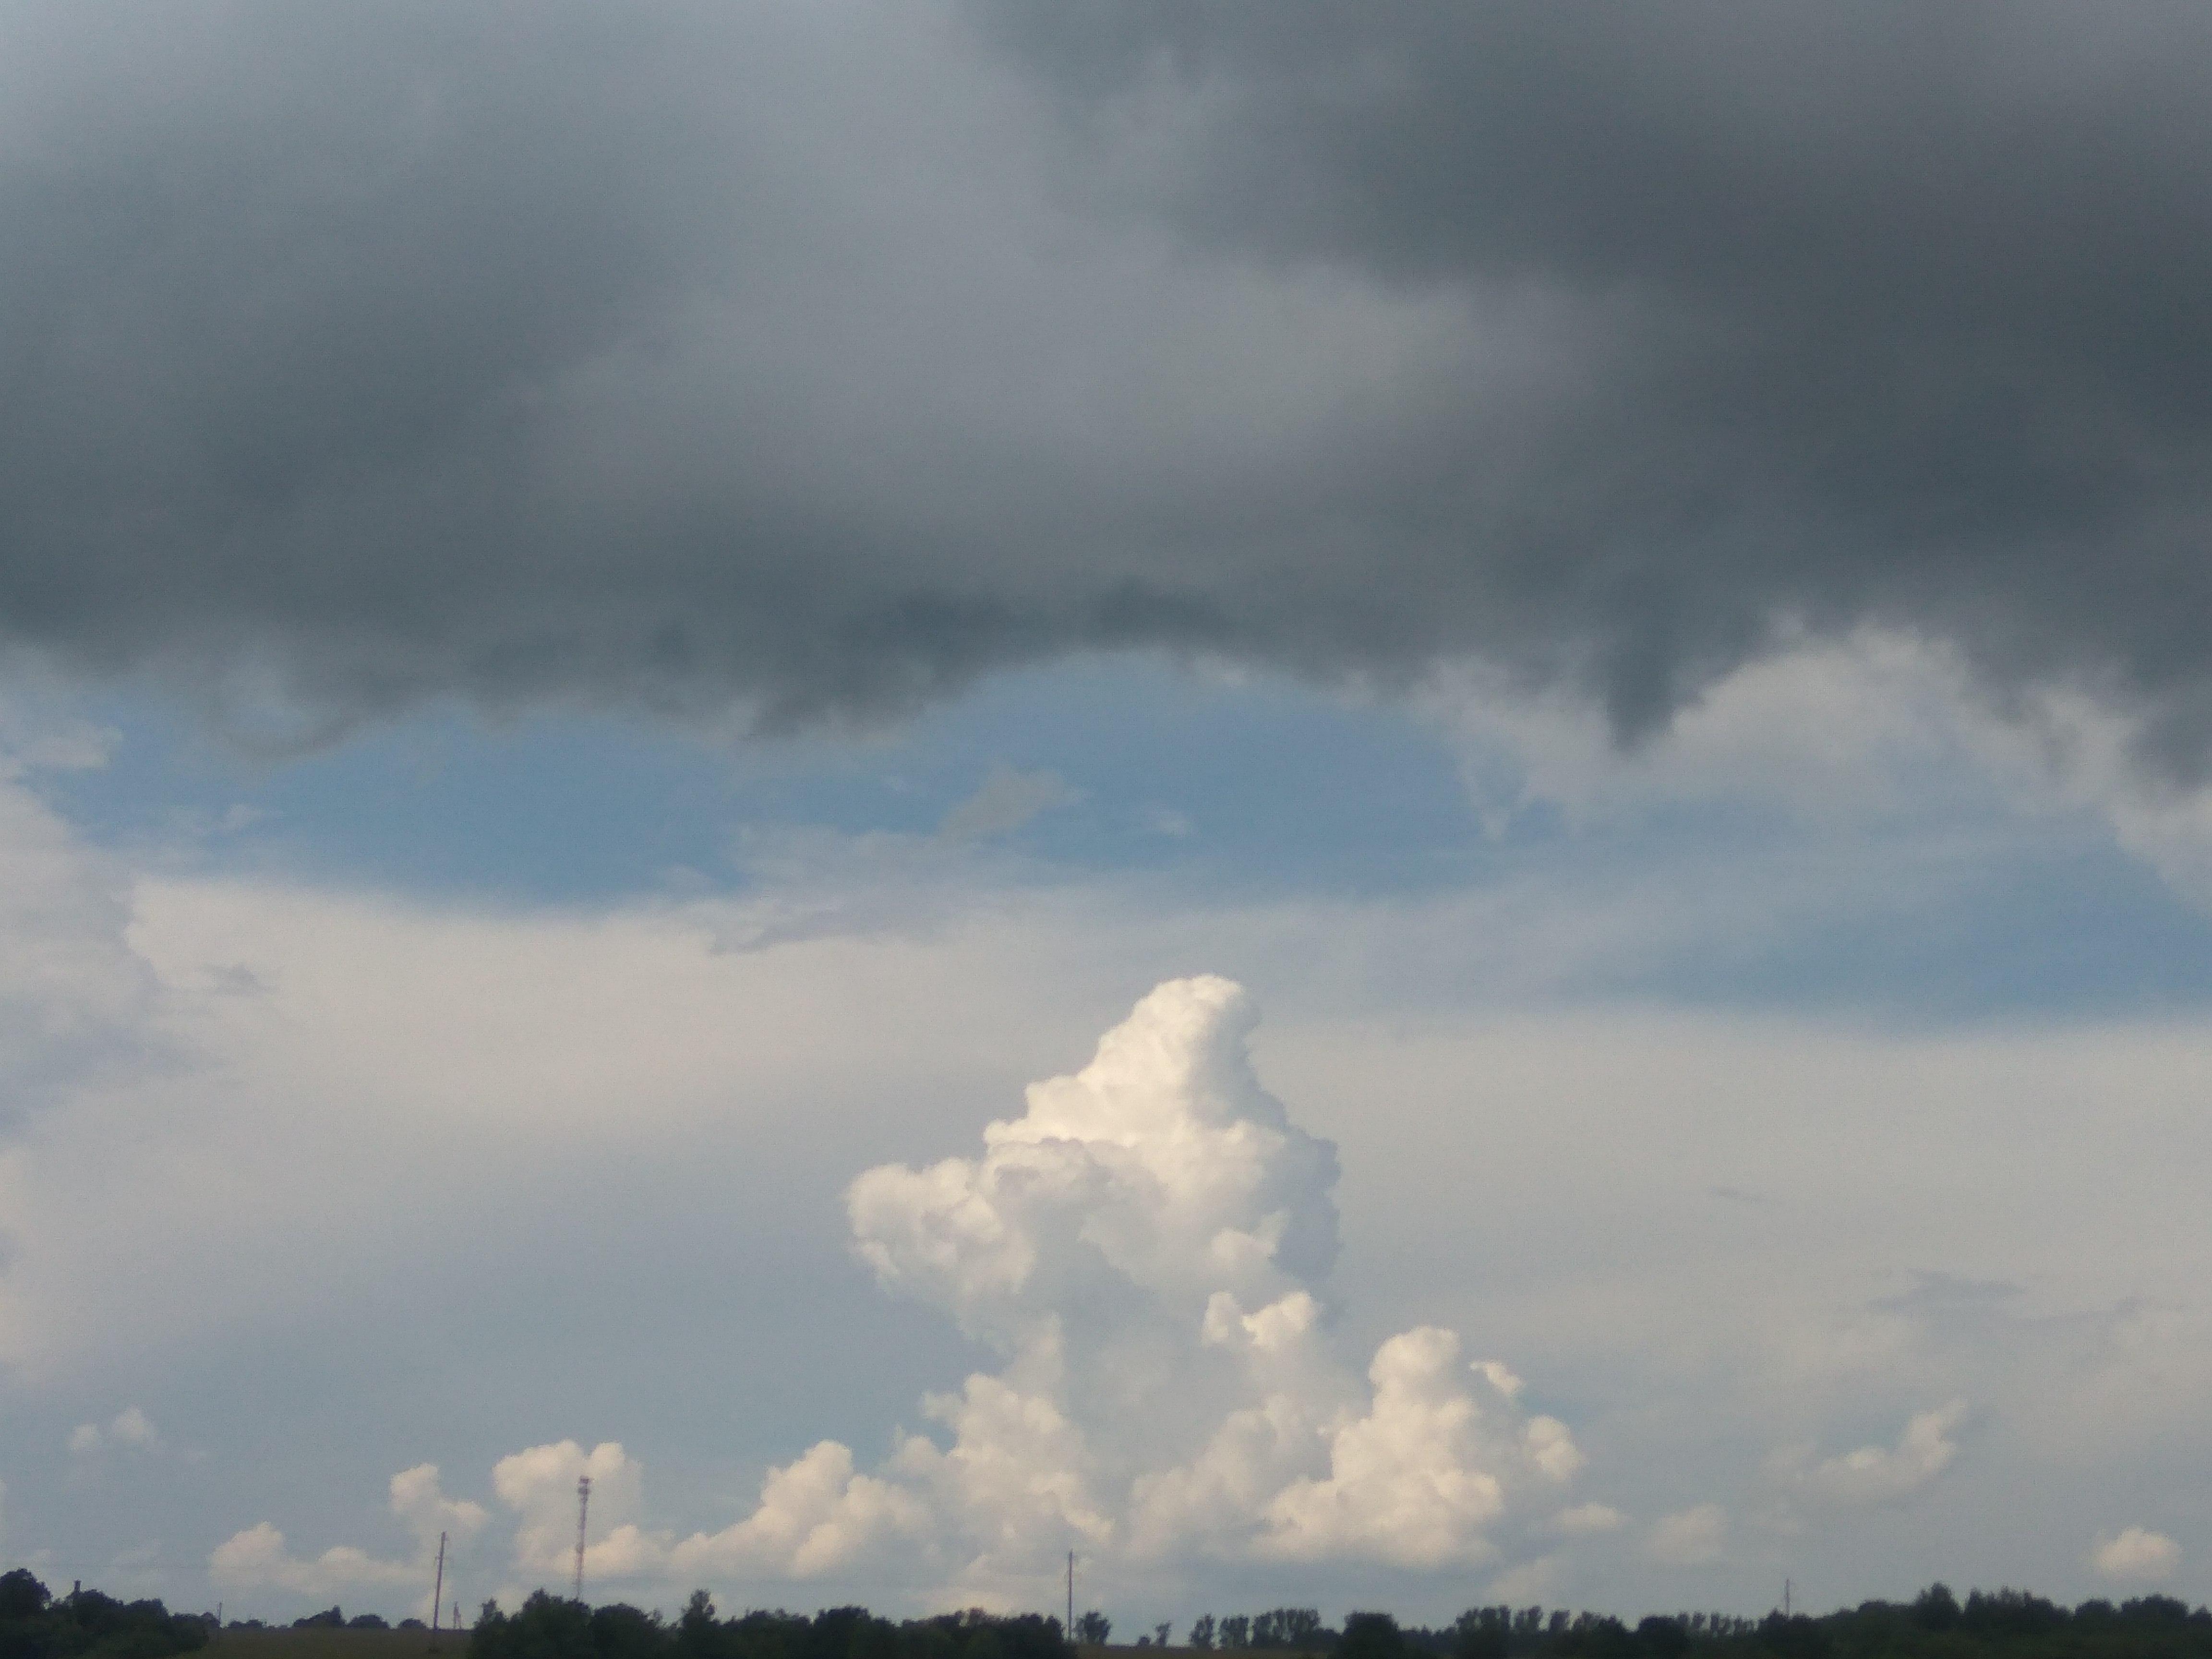 Противостояние. Блиц: небо в облаках